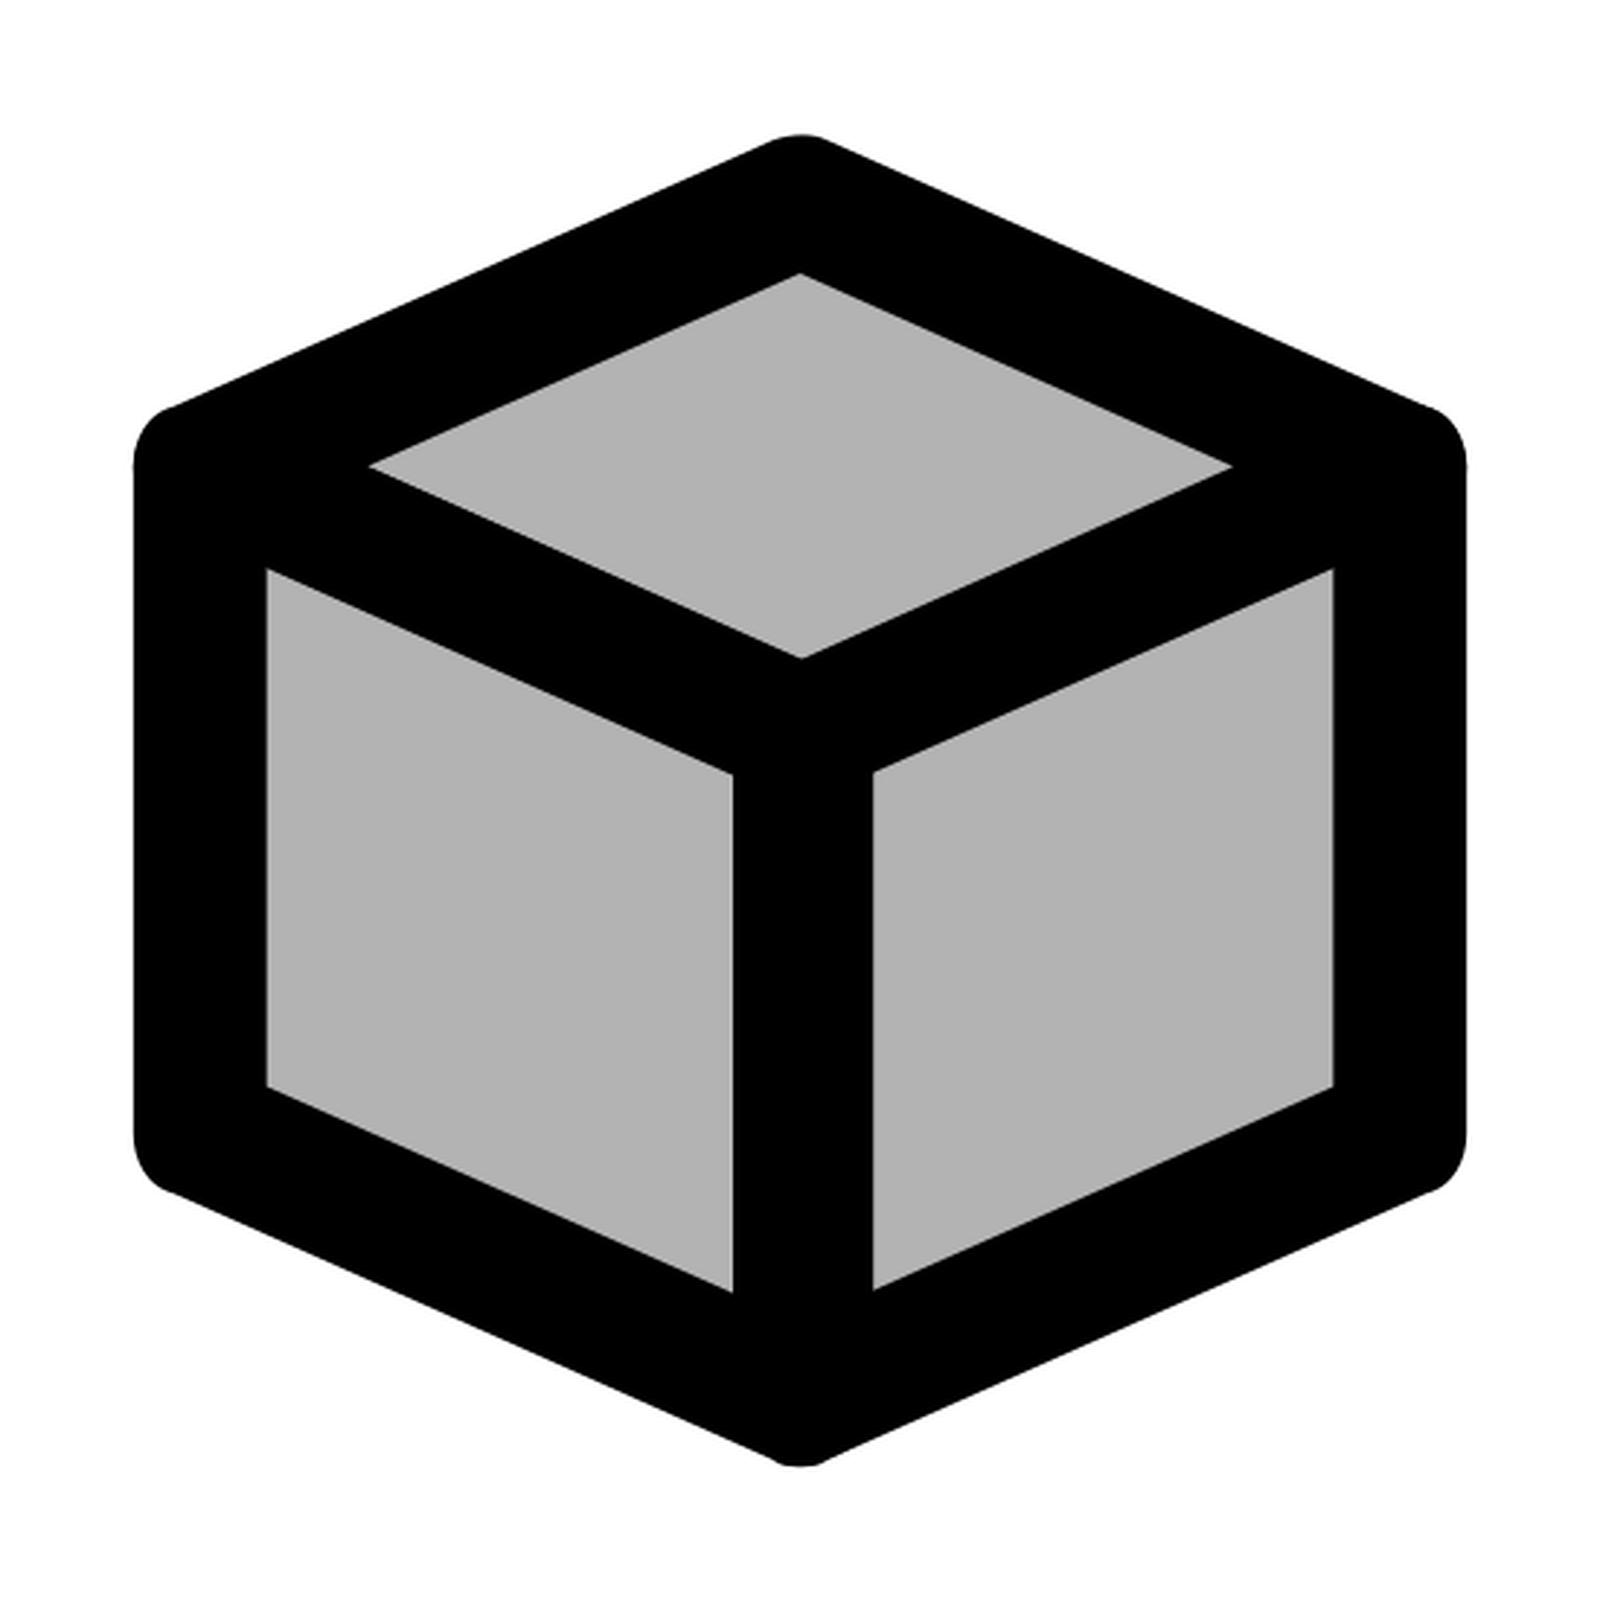 Sugar Cube icon